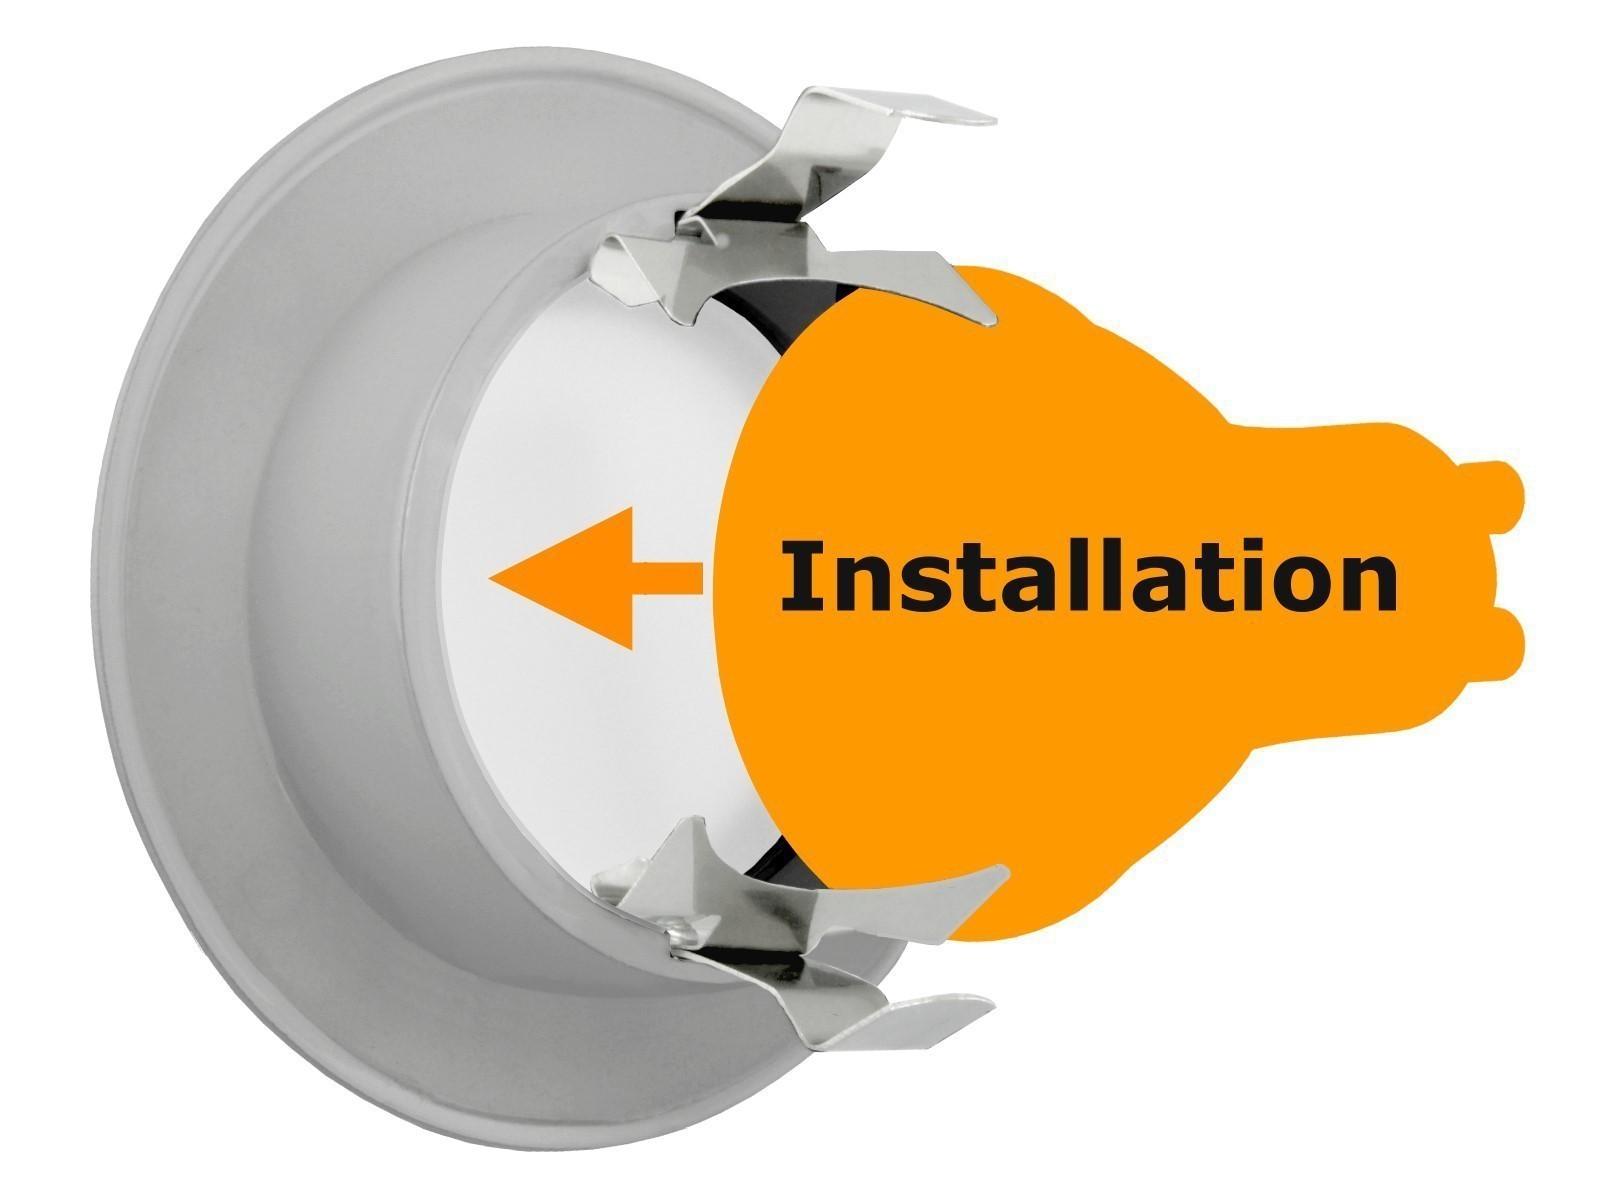 Dusche Led Strahler : Feuchtraum LED-Einbauspot Strahler chrom, IP65 Bad Dusche, 5W SMD LED